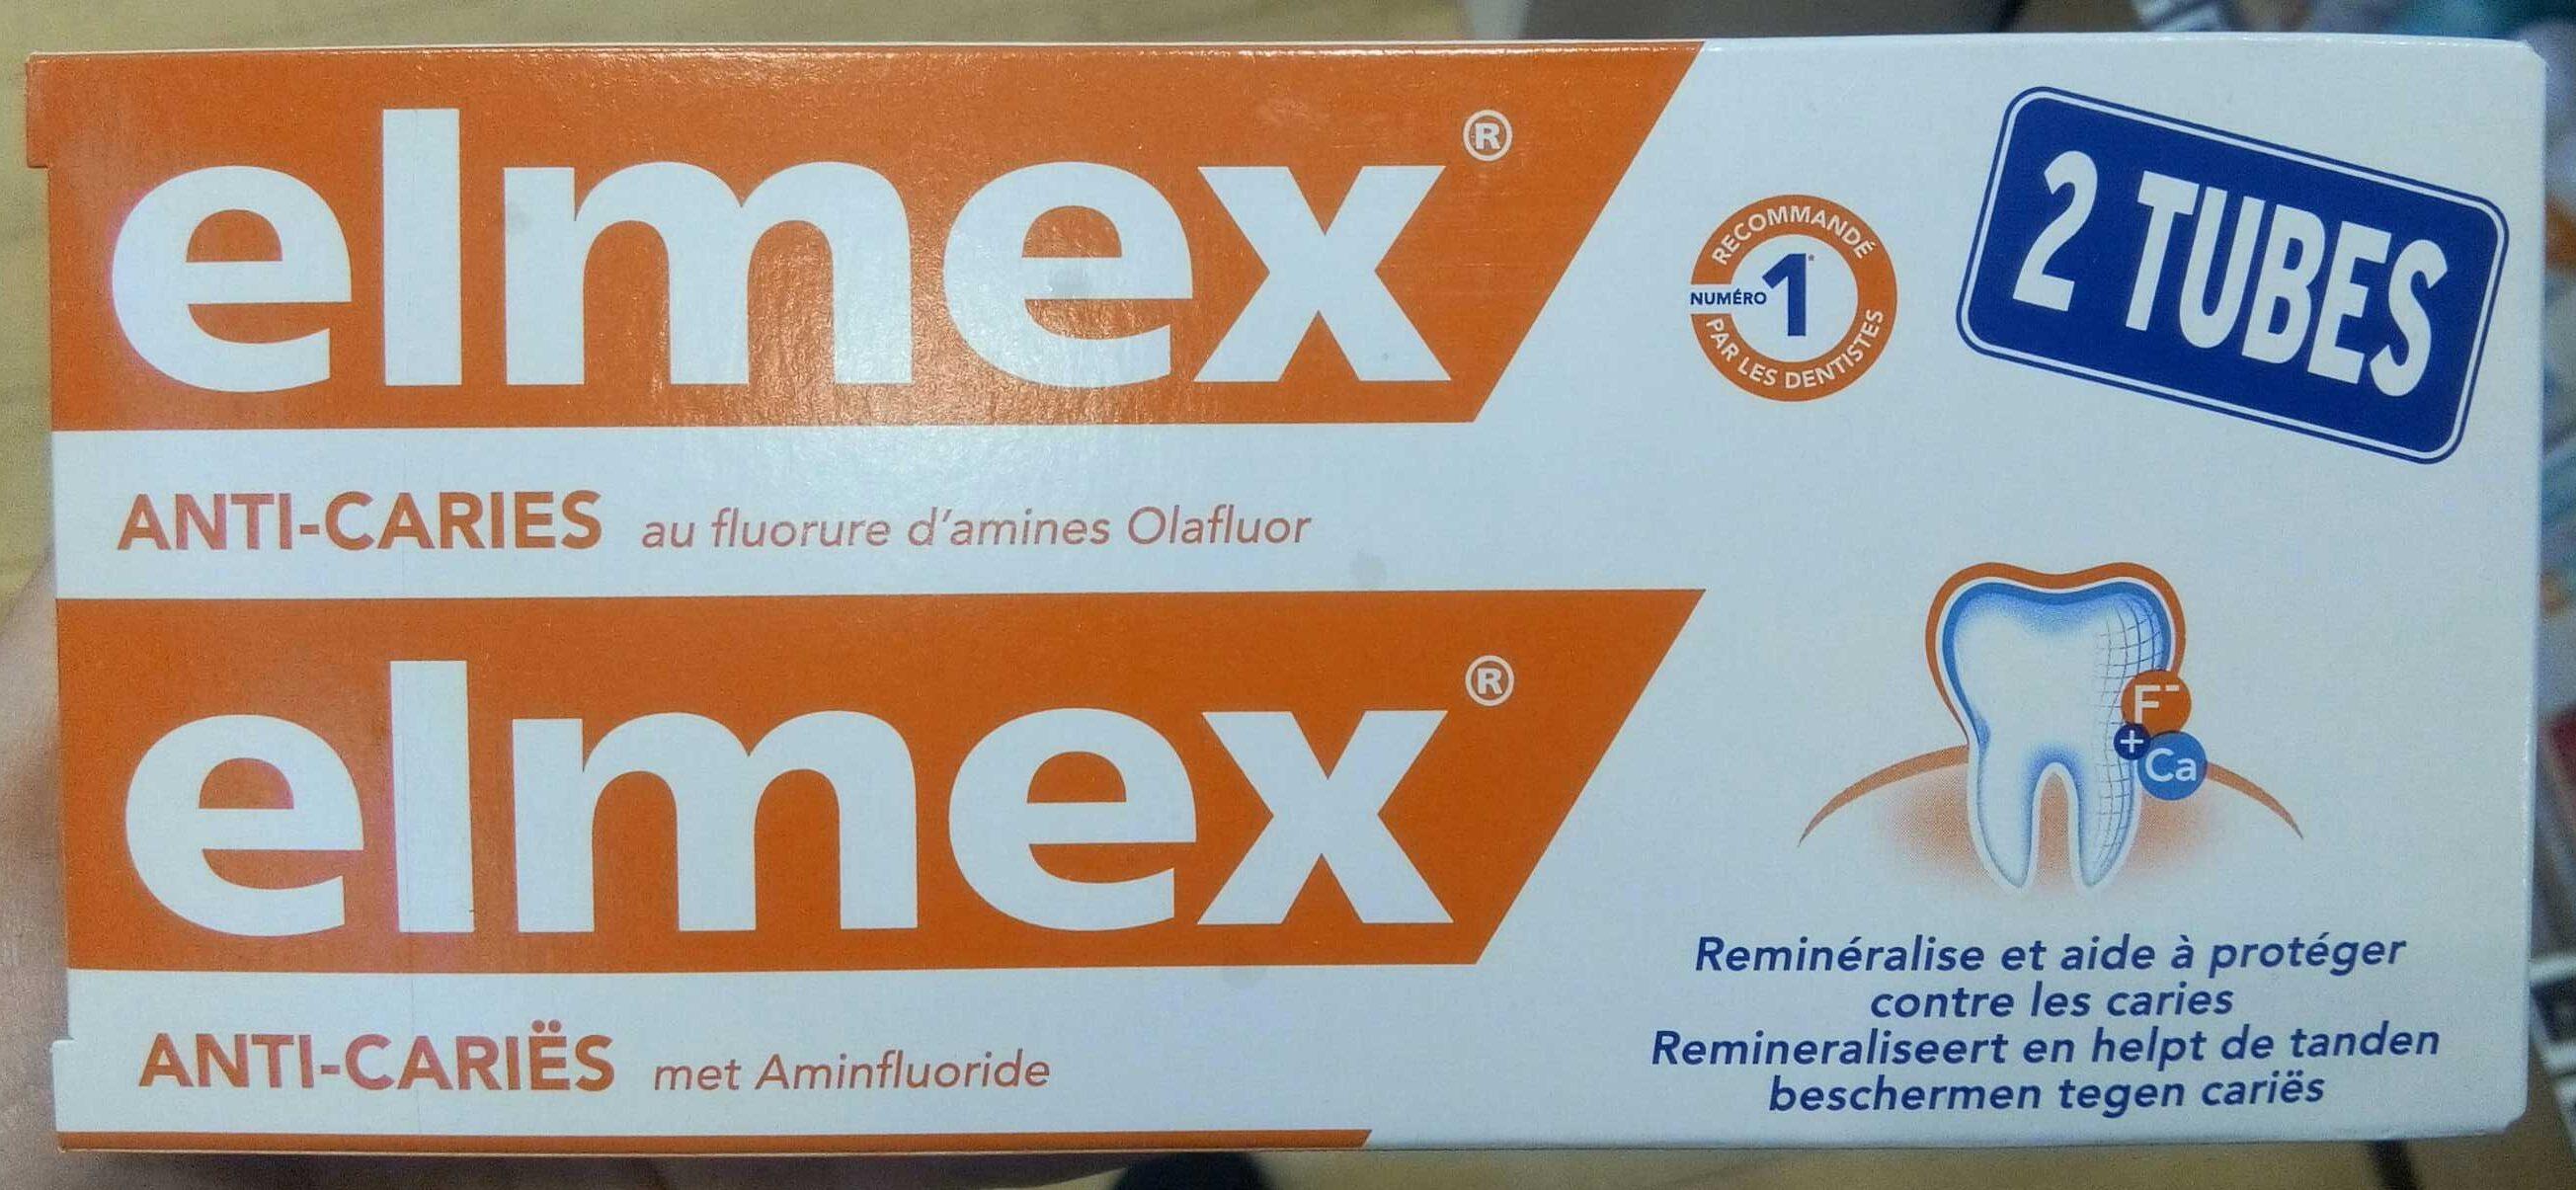 Elmex - Protec Caries 2 x - Produit - fr